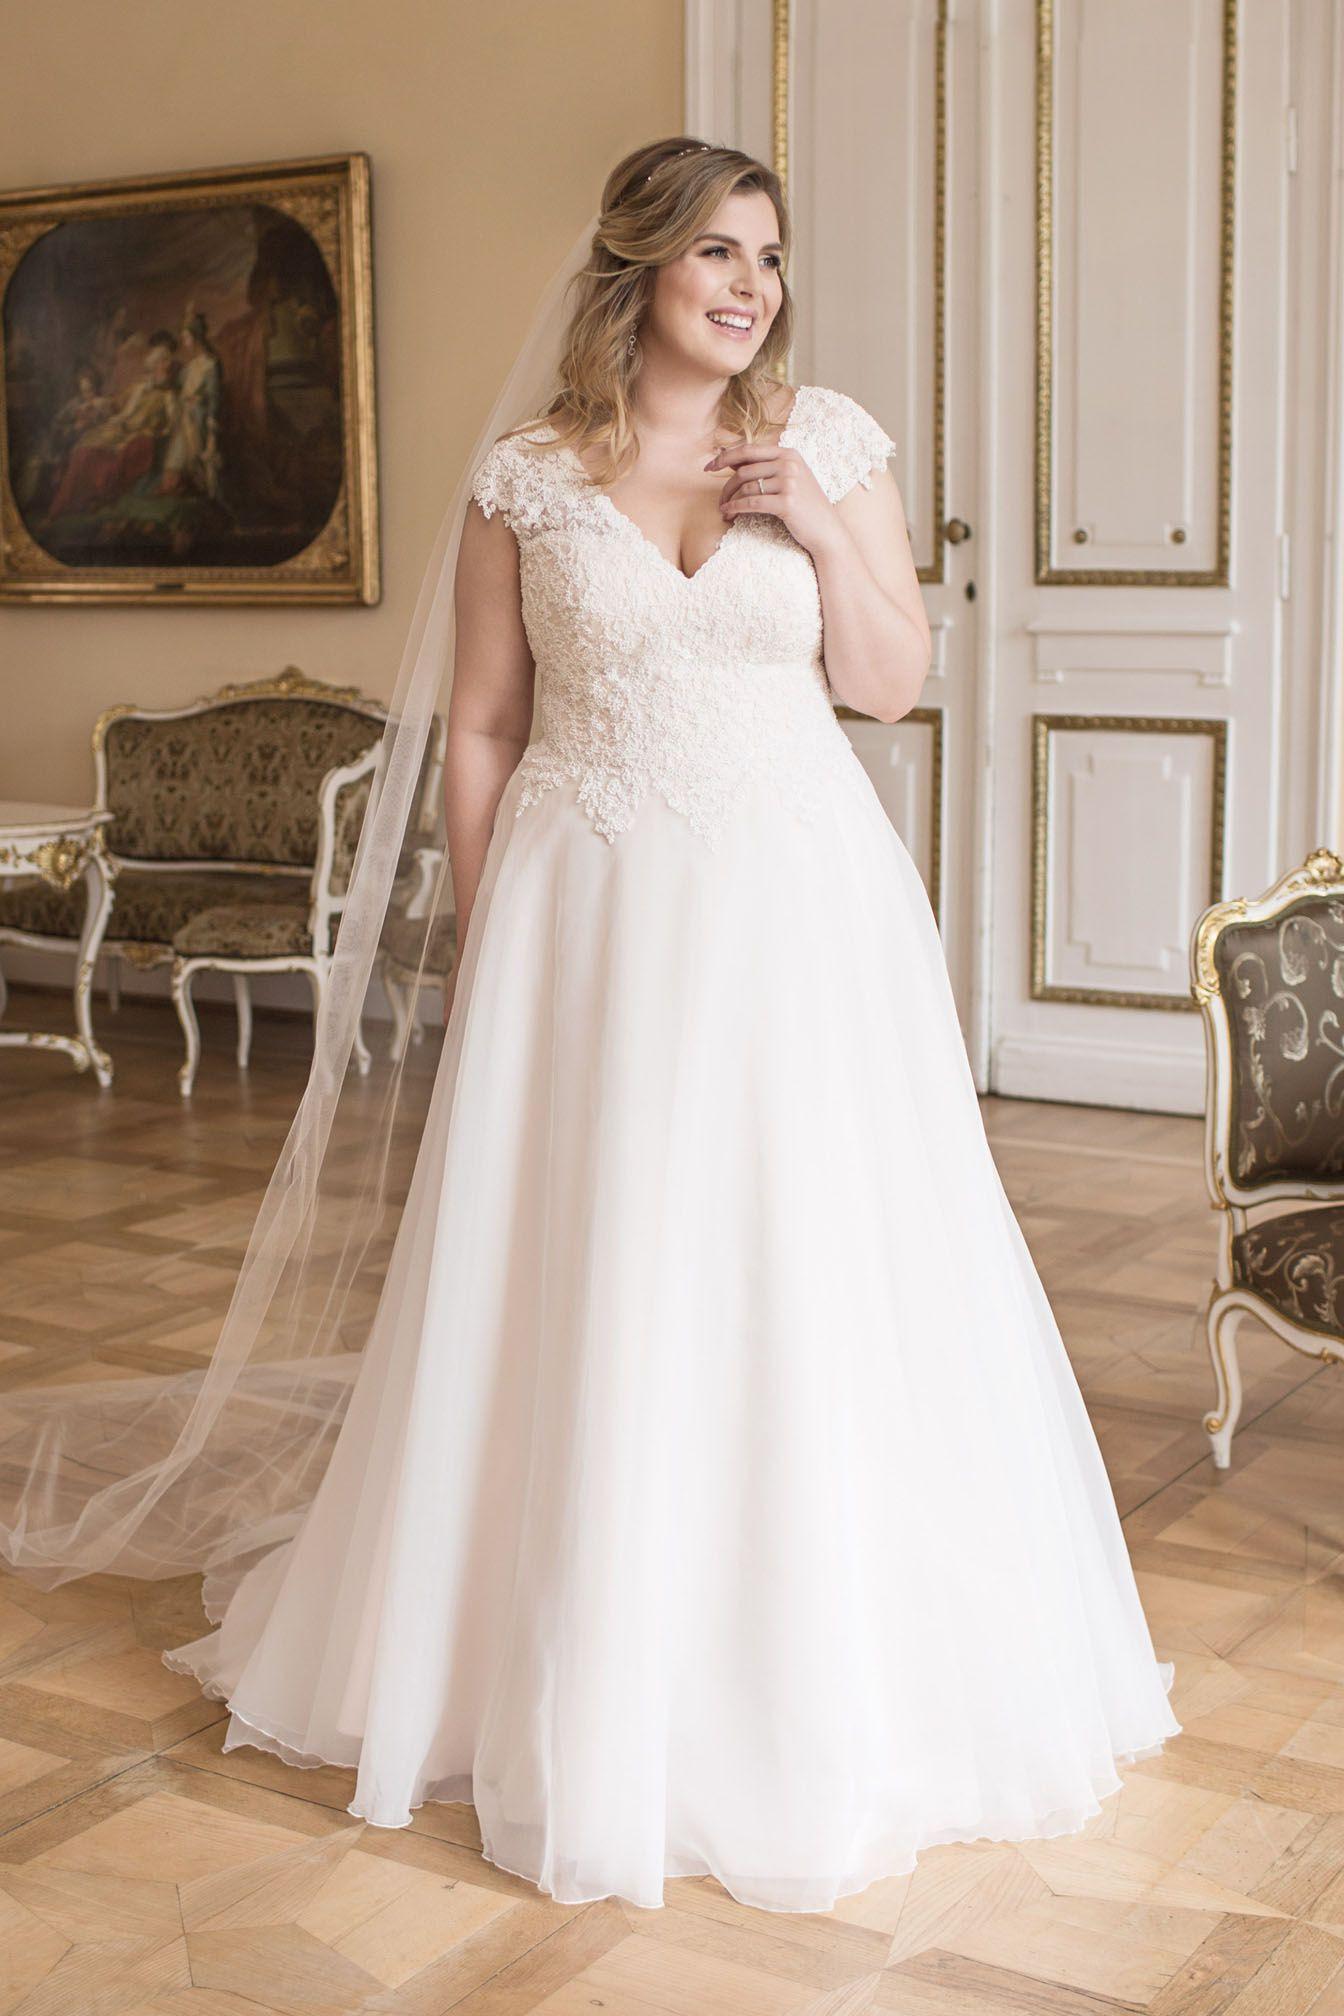 Brautkleid Für Die Cury Bride Von Lovely In 2020